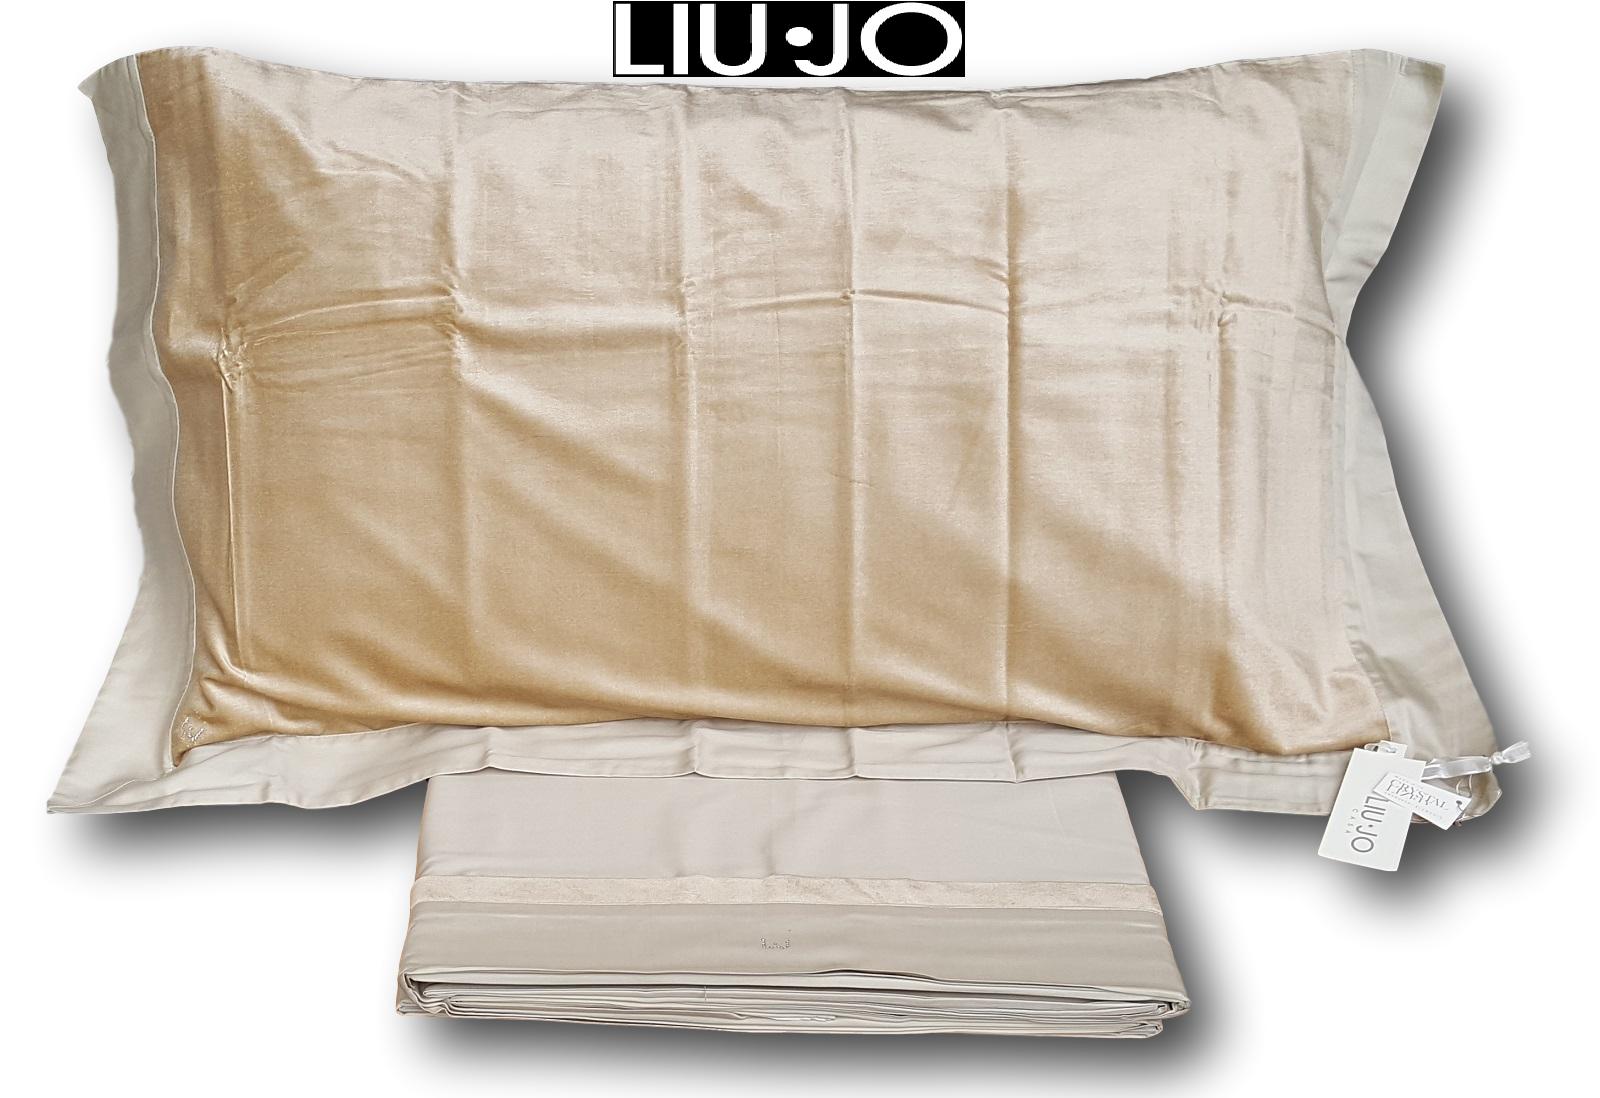 Liu Jo. Set Bett, Blätter, Teatro. Satin und Velluto. Hochzeits-, 2 Plätze